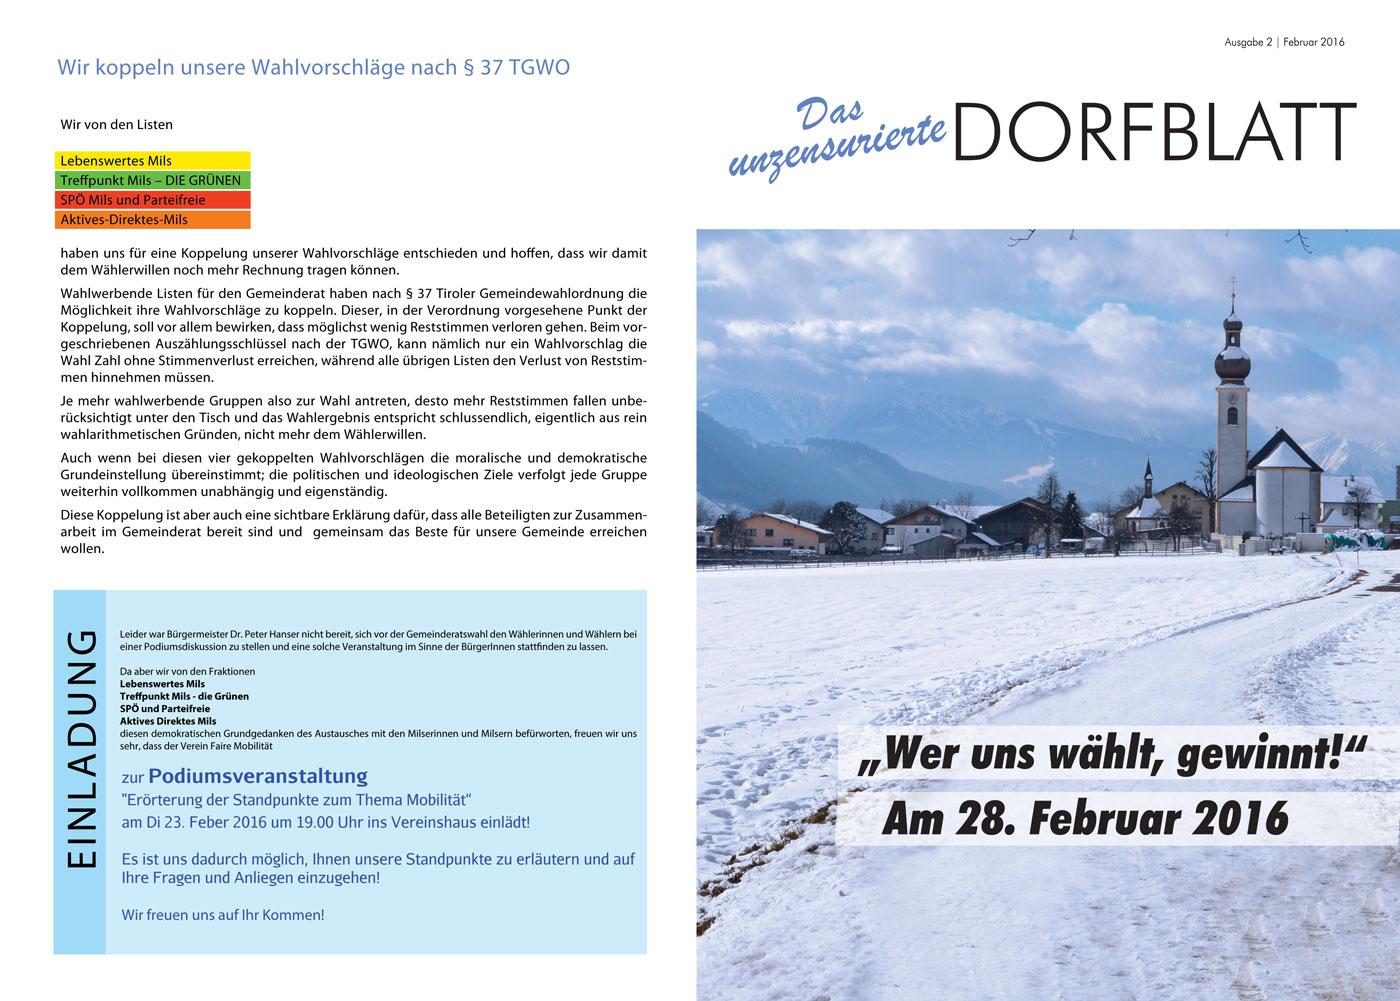 Dorfblatt_v2_Seite_aussen_Ansicht